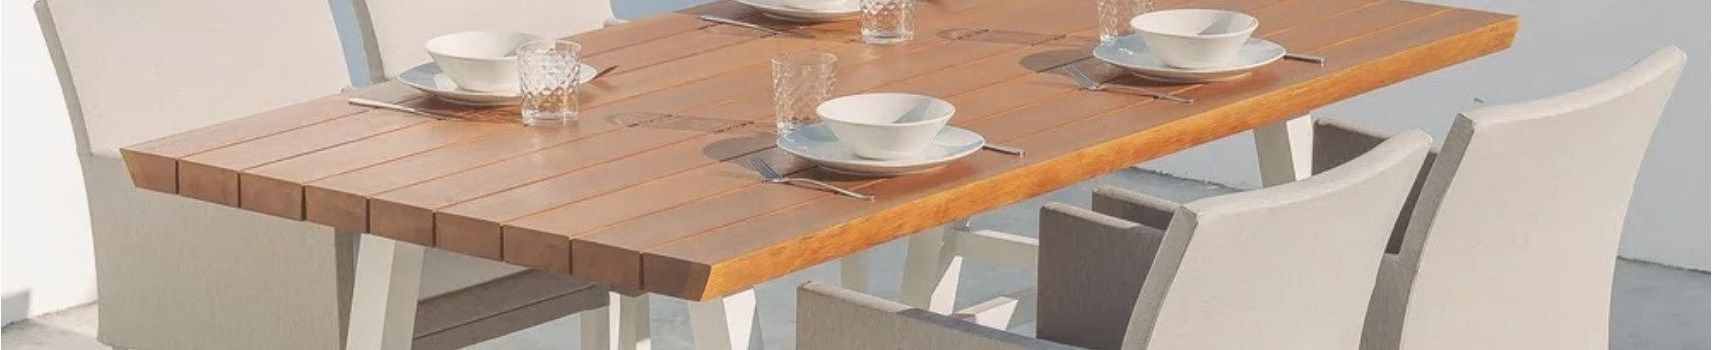 Ensemble table de jardin - Mobilier extérieur - Mobilier de jardin